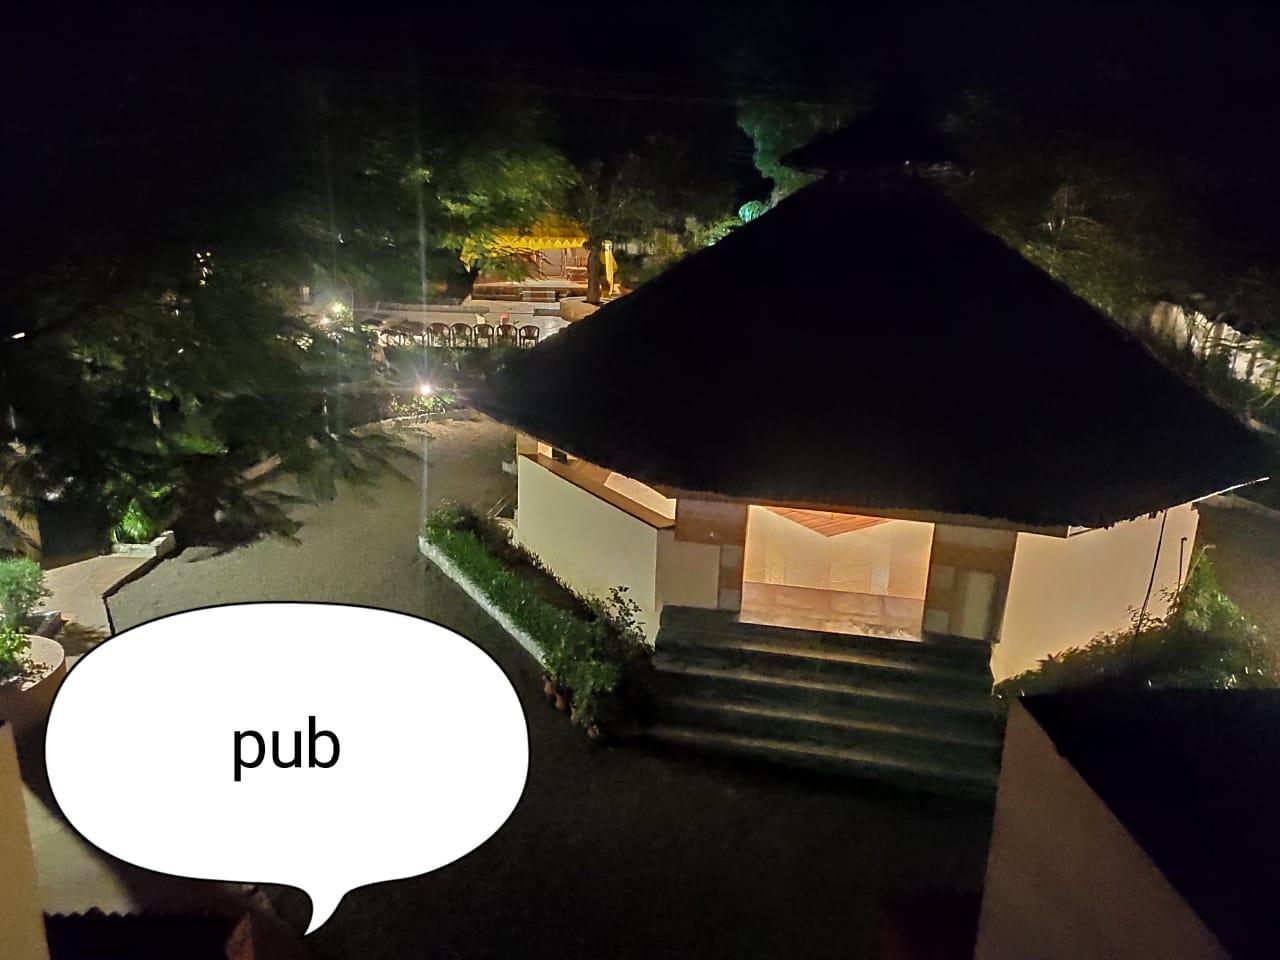 kfr-pub